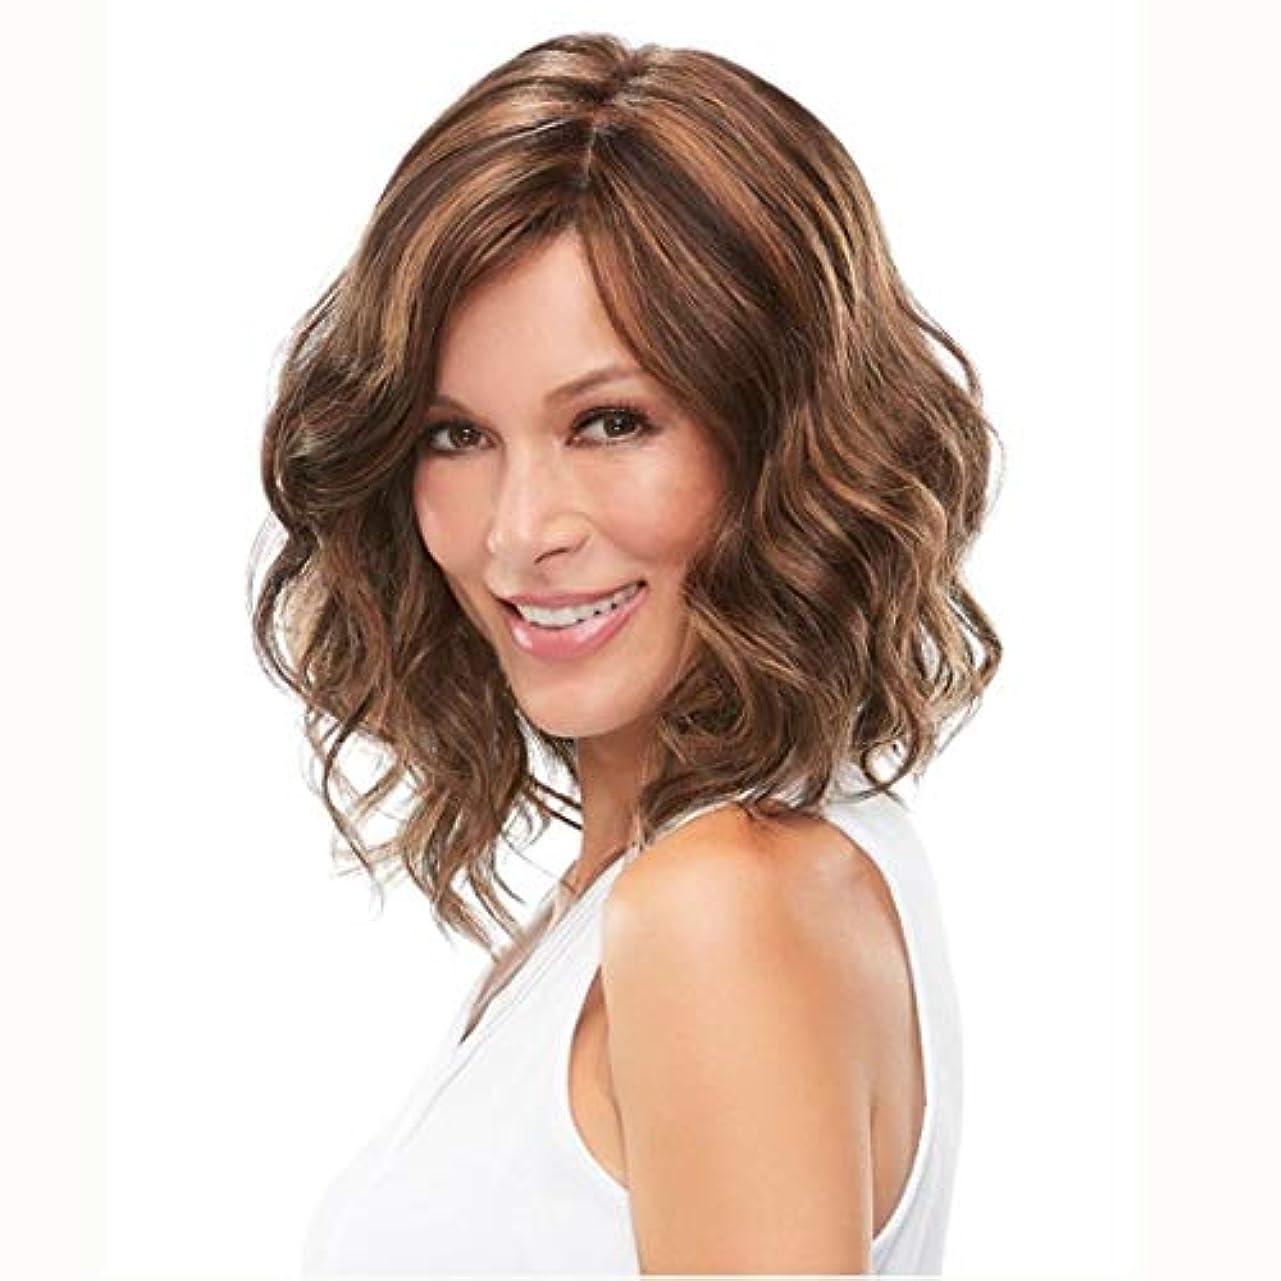 集計水素バラバラにするKerwinner 短い巻き毛のふわふわのかつら女性の女の子のための短い波状の合成かつら